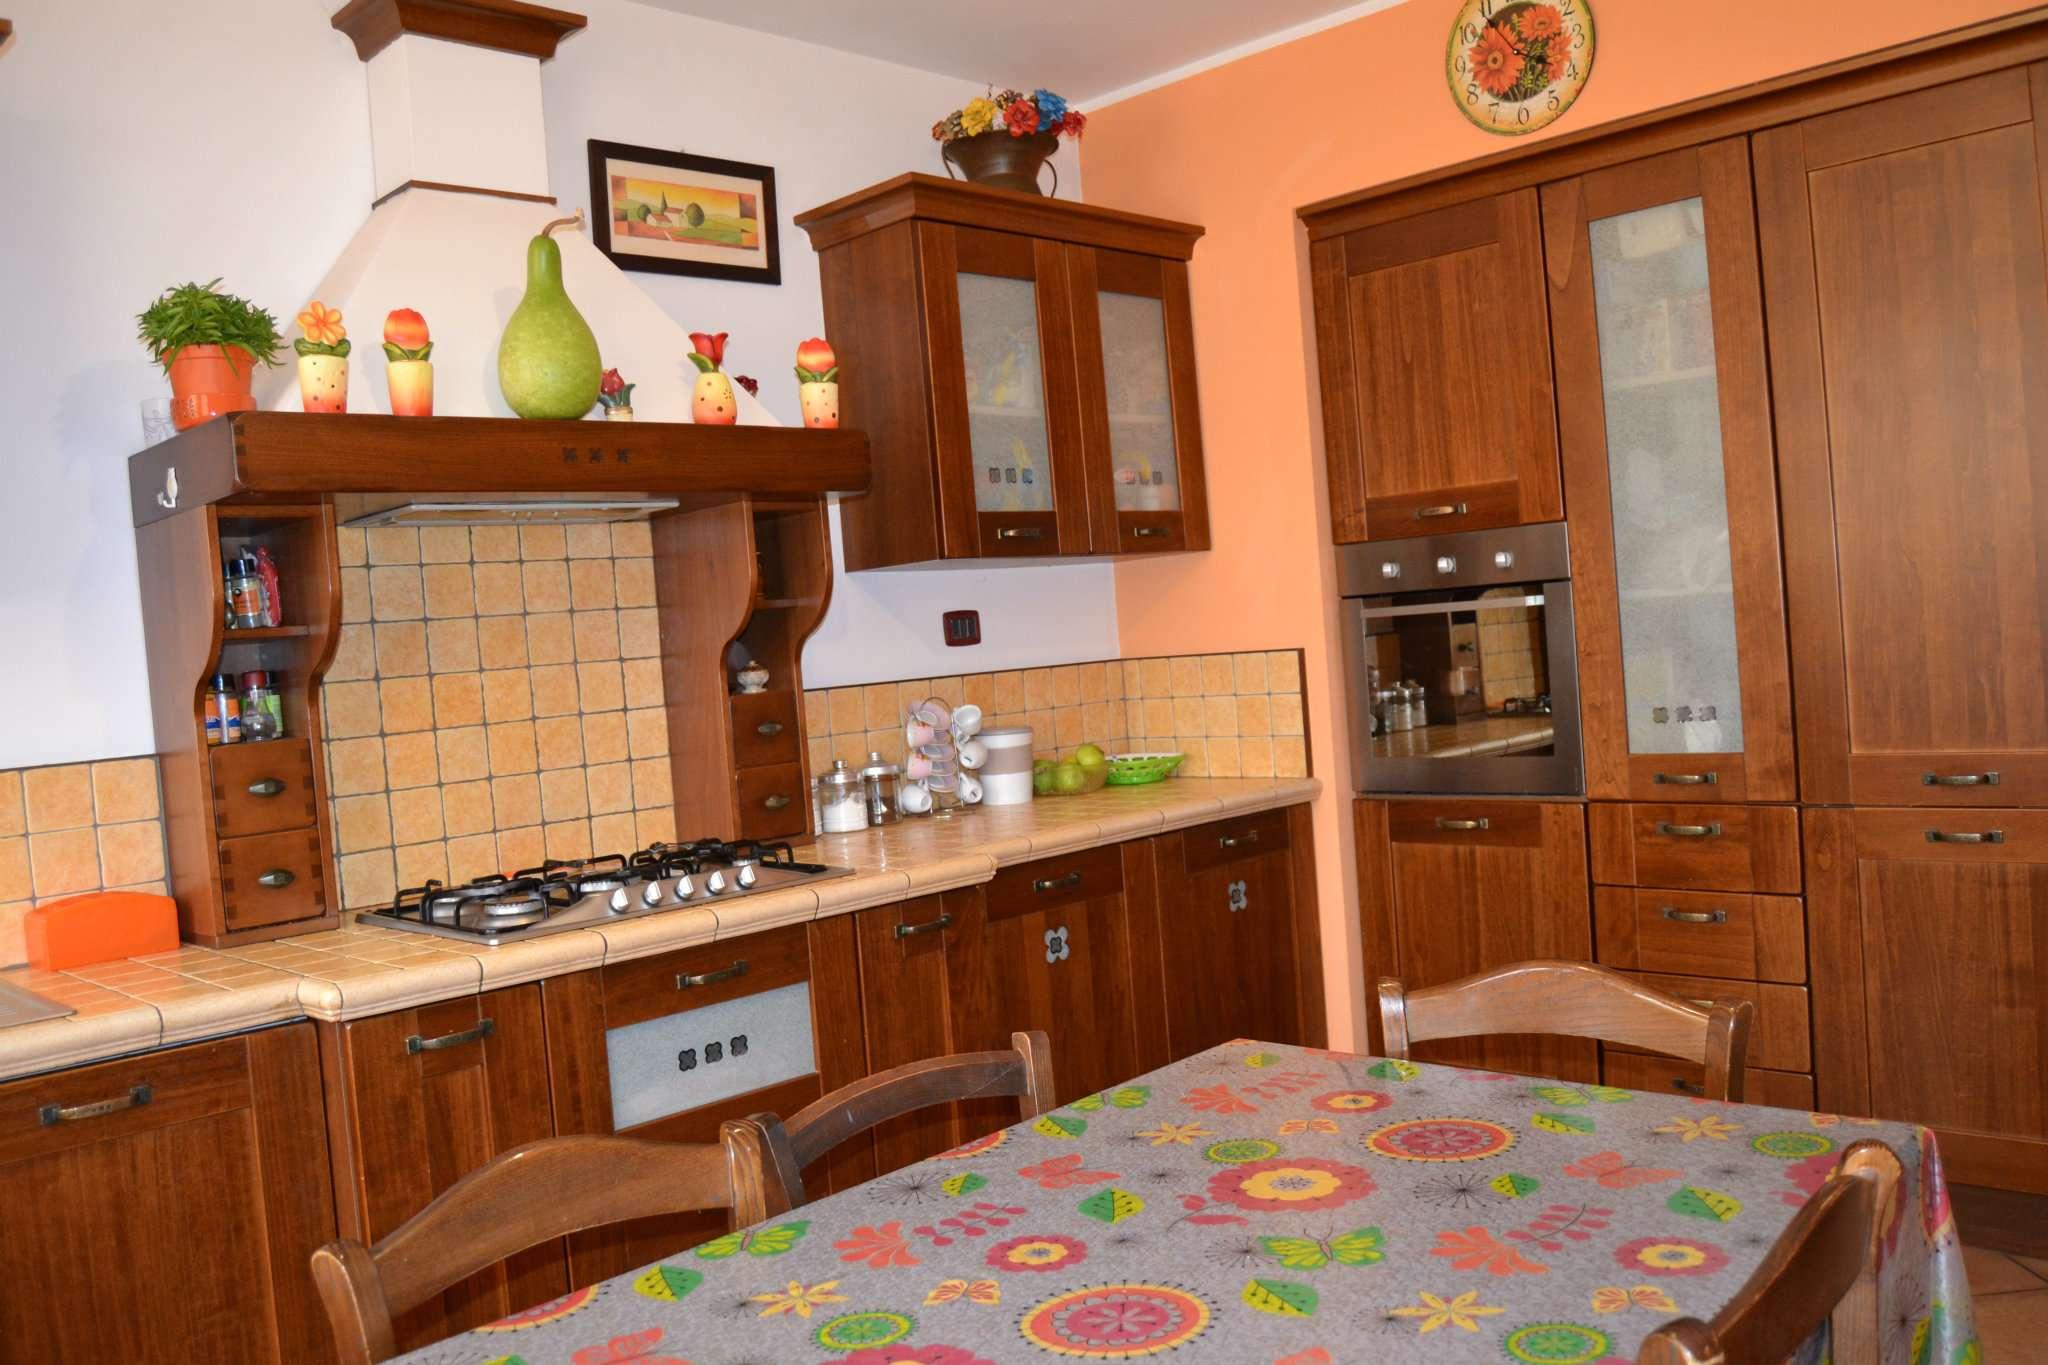 Appartamento in vendita a Agugliano, 3 locali, prezzo € 150.000 | PortaleAgenzieImmobiliari.it